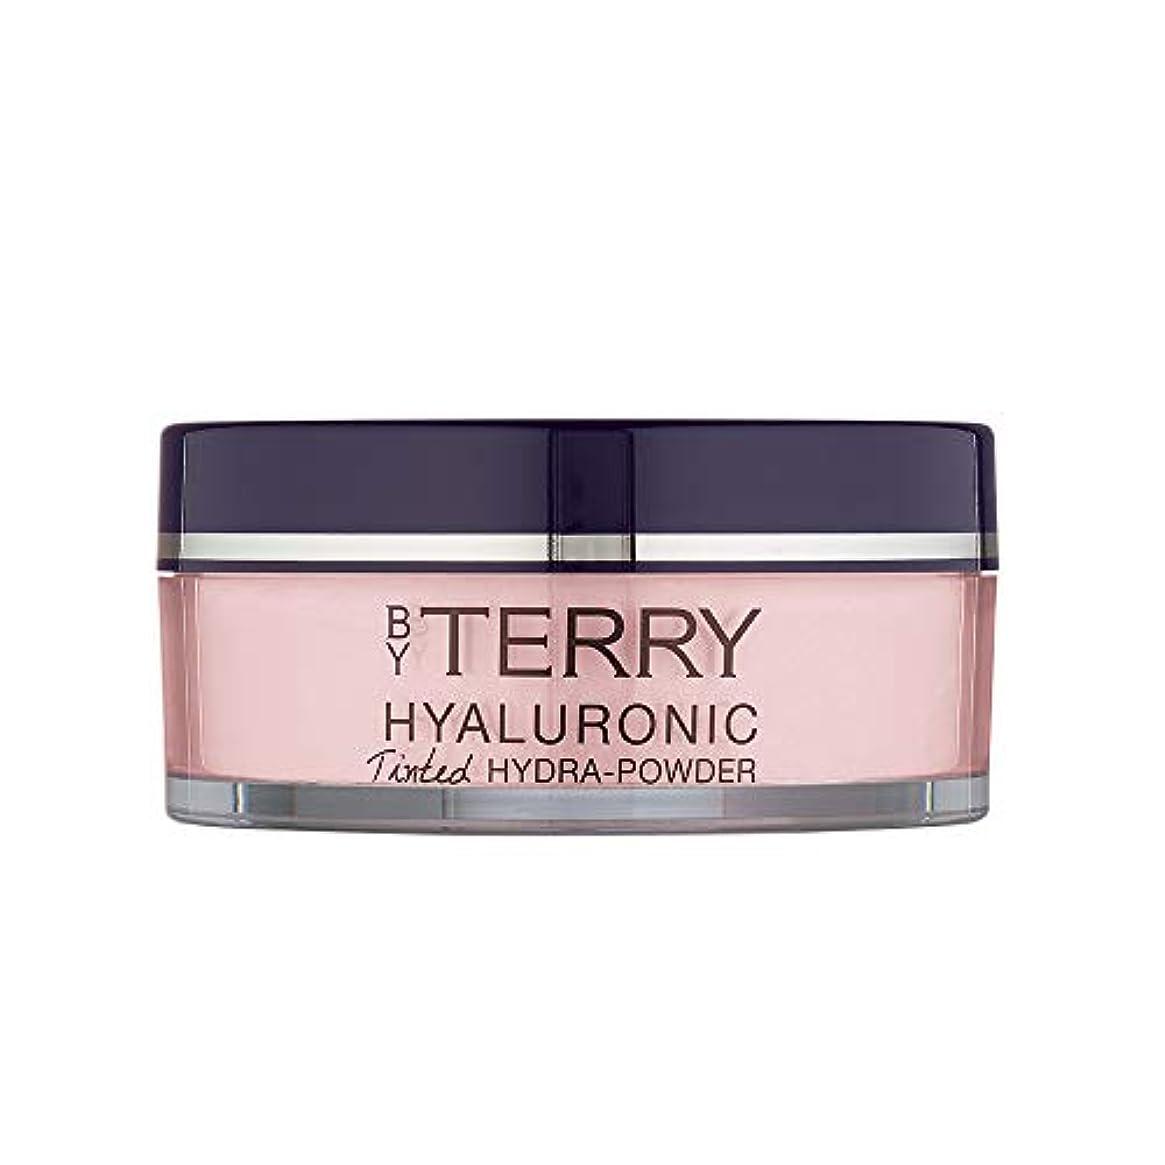 曲優先適性バイテリー Hyaluronic Tinted Hydra Care Setting Powder - # 1 Rosy Light 10g/0.35oz並行輸入品